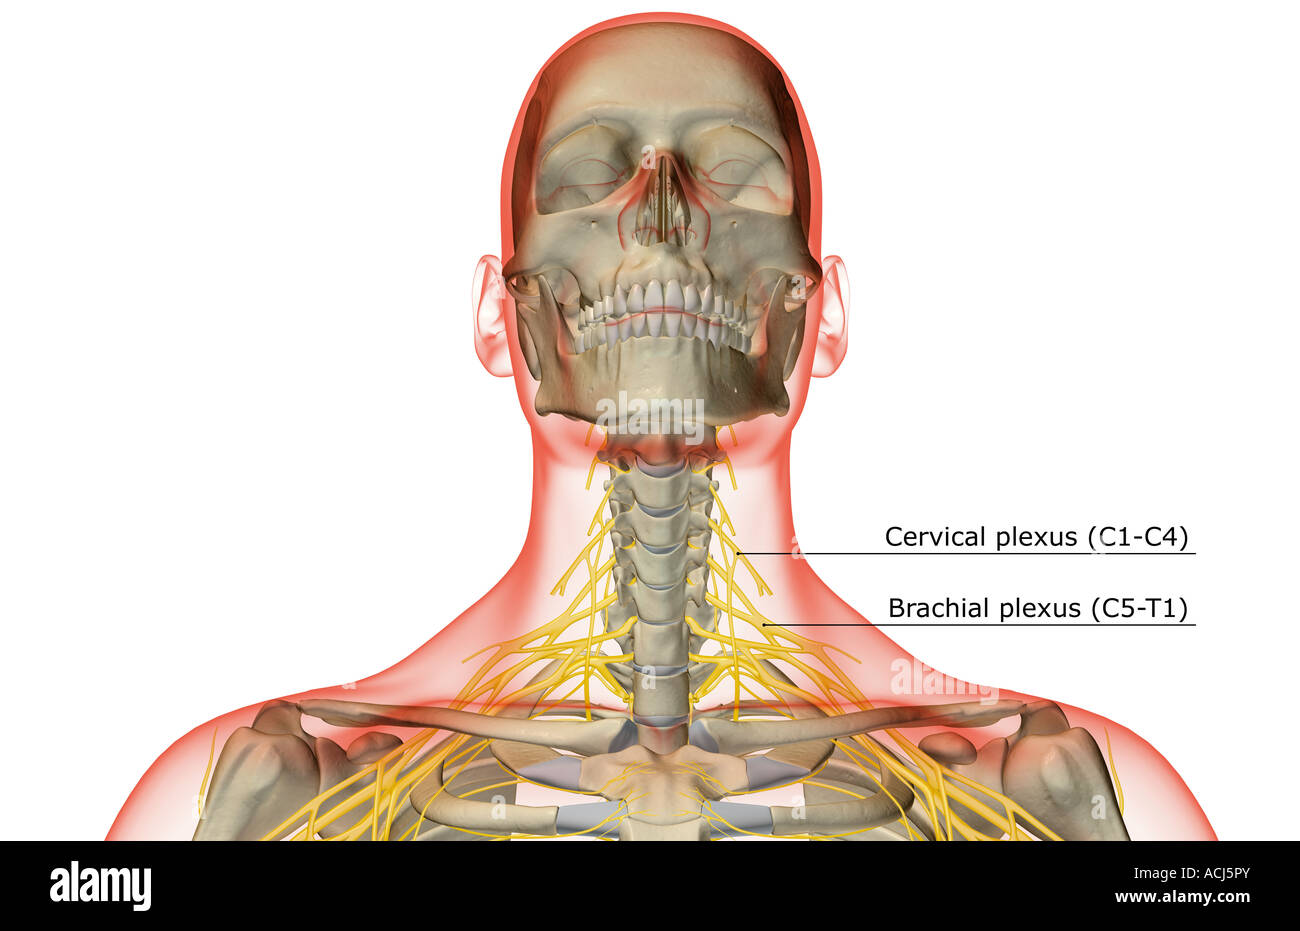 Tolle Anatomie Des Halses Nerven Bilder - Menschliche Anatomie ...